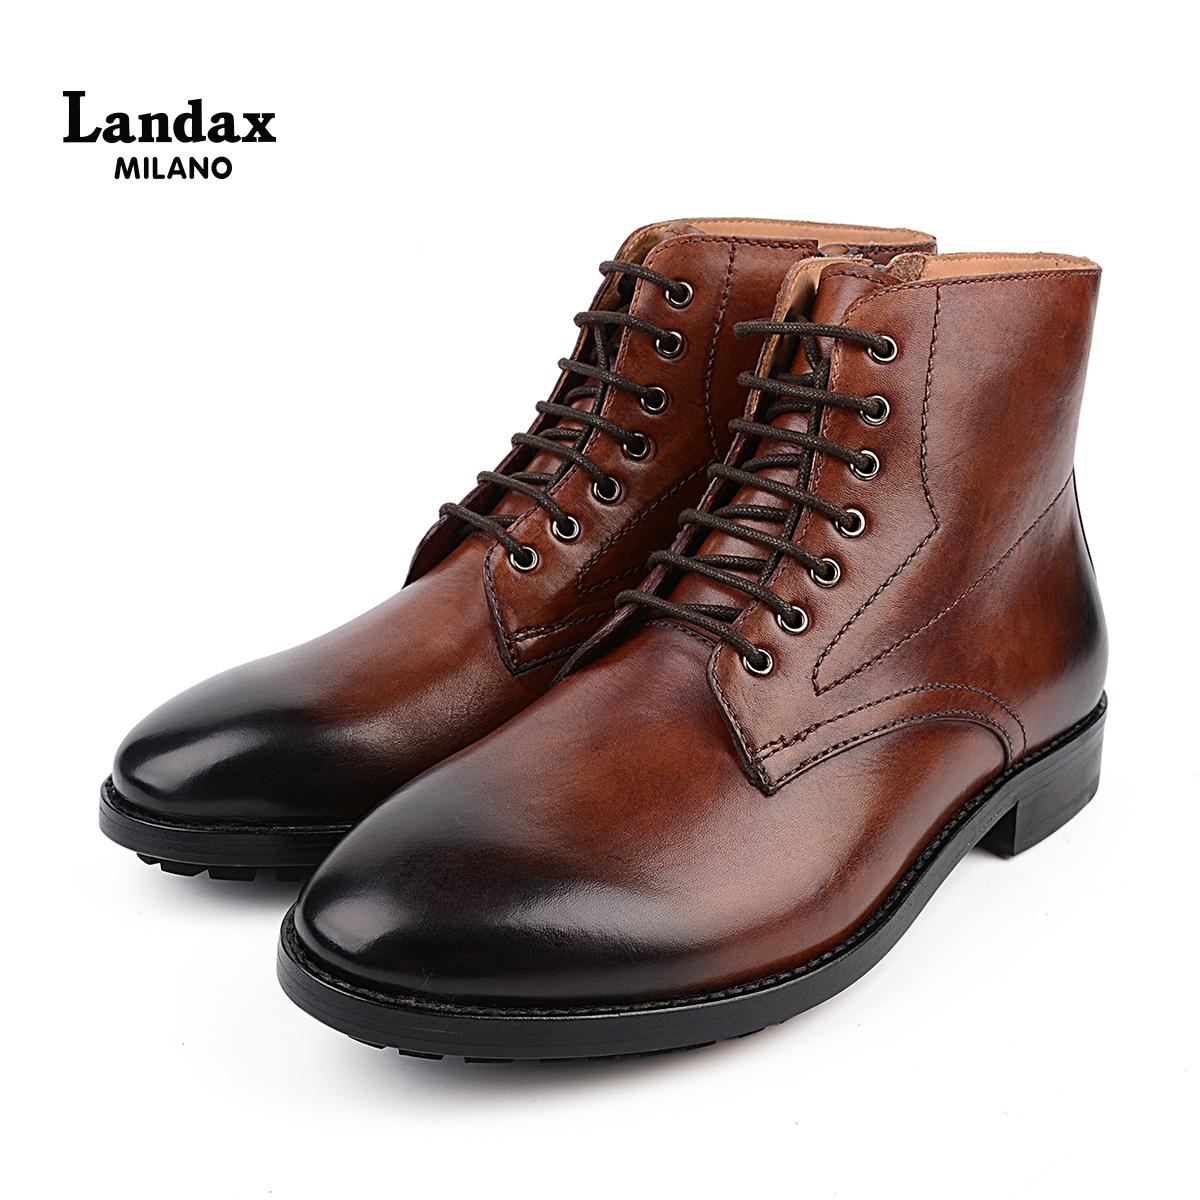 Landax男士手工马丁靴 头层牛皮系带擦色男靴 时尚英伦牛皮短靴男